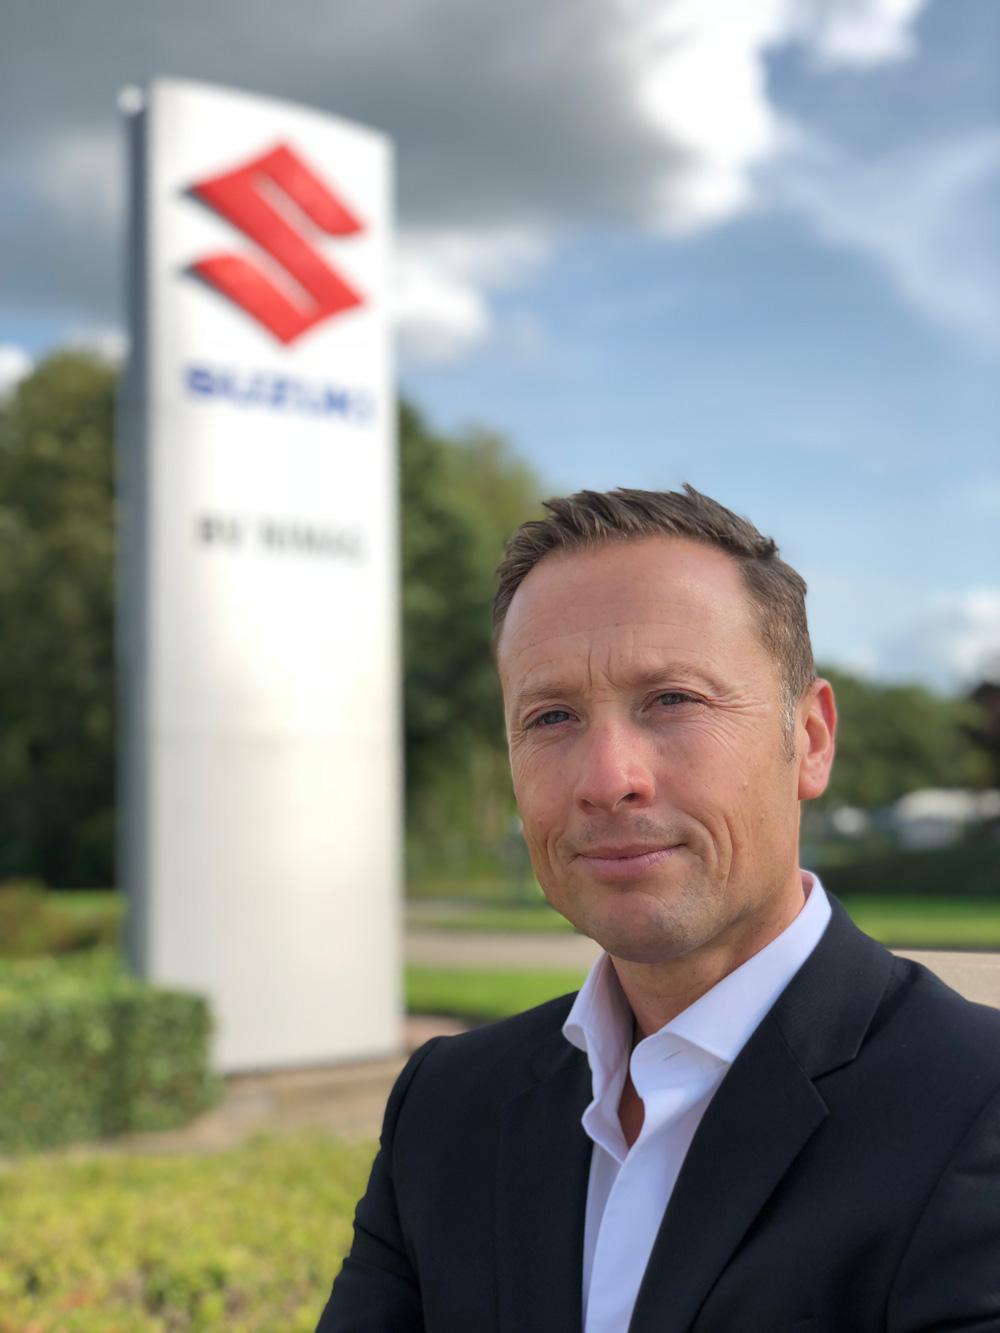 Als belangrijke doelstelling wil Carlo van Boven het marktleiderschap van Suzuki Marine verder verstevigen en, samen met de dealers en partners, nieuwe en onderscheidende proposities ontwikkelen om Suzuki-klanten nog beter van dienst te kunnen zijn.